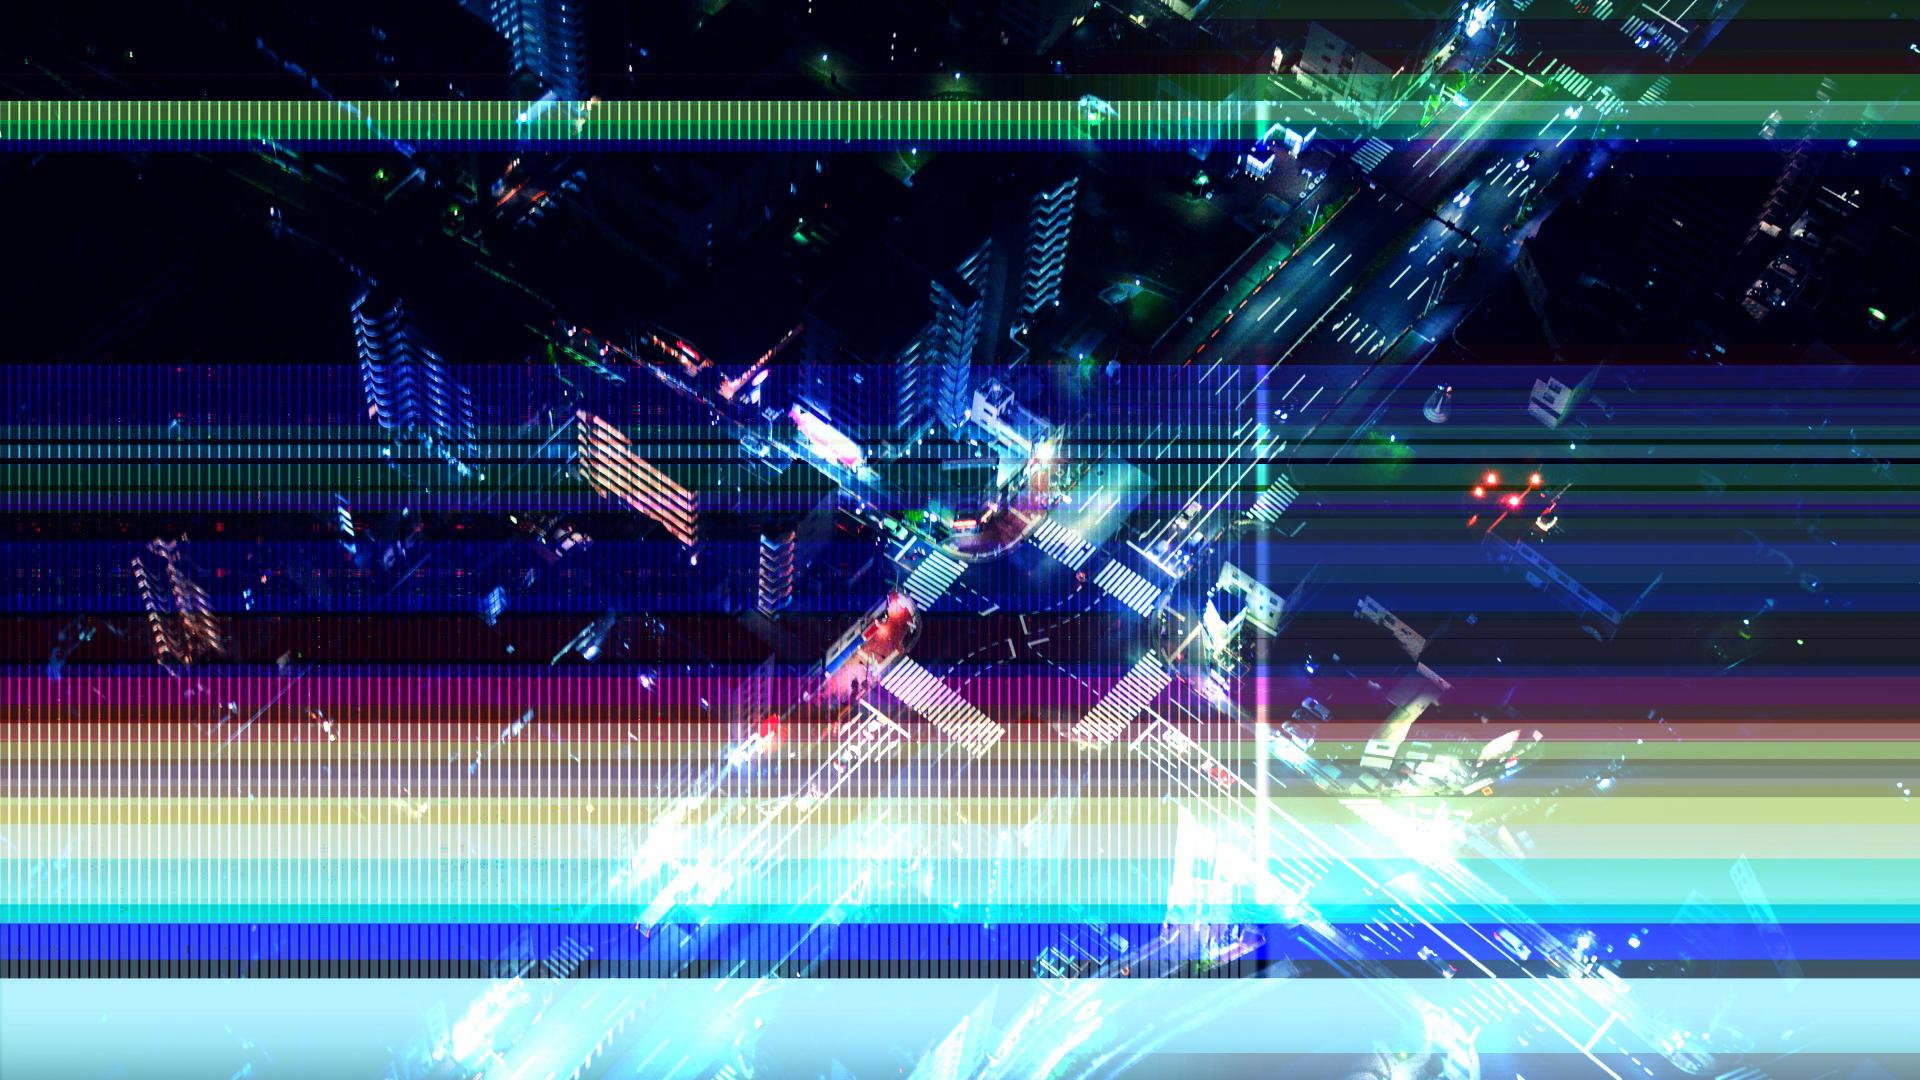 Glitch Transitions 4K on Behance